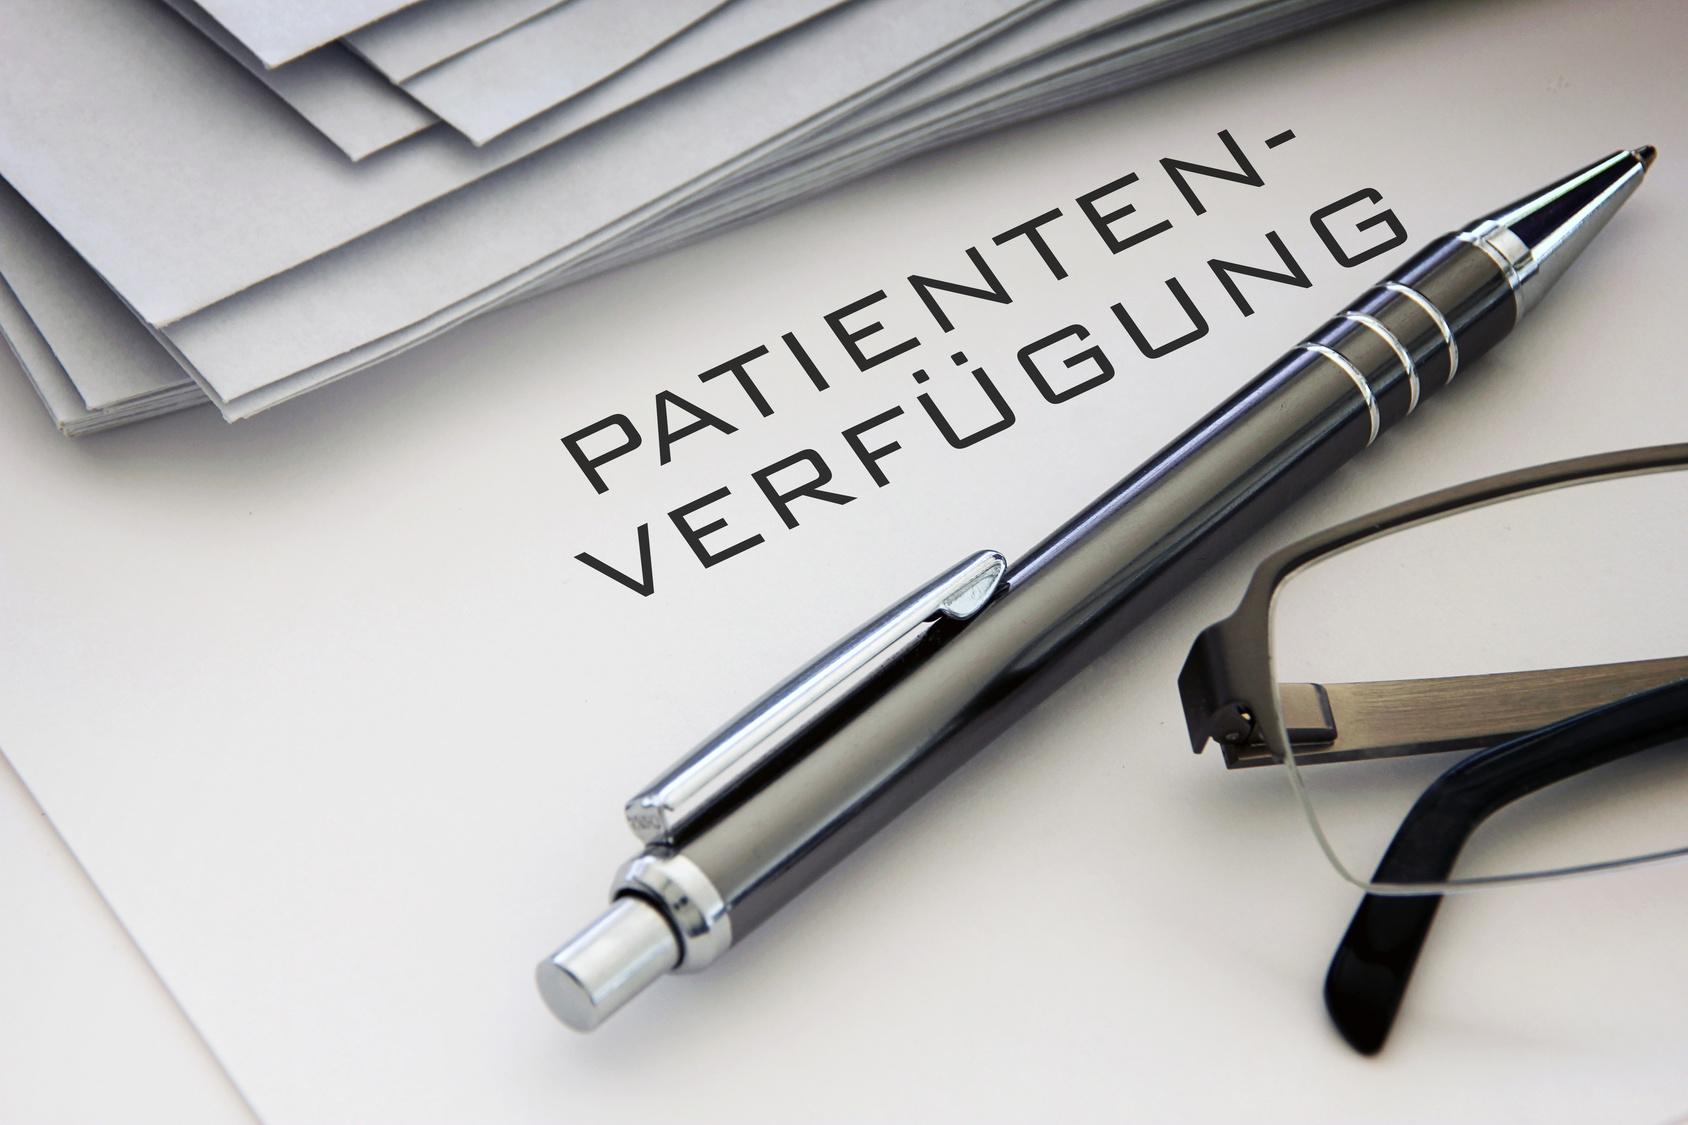 patientenverfuegung-silberner-kugelschreiber-schwarze-lesebrille